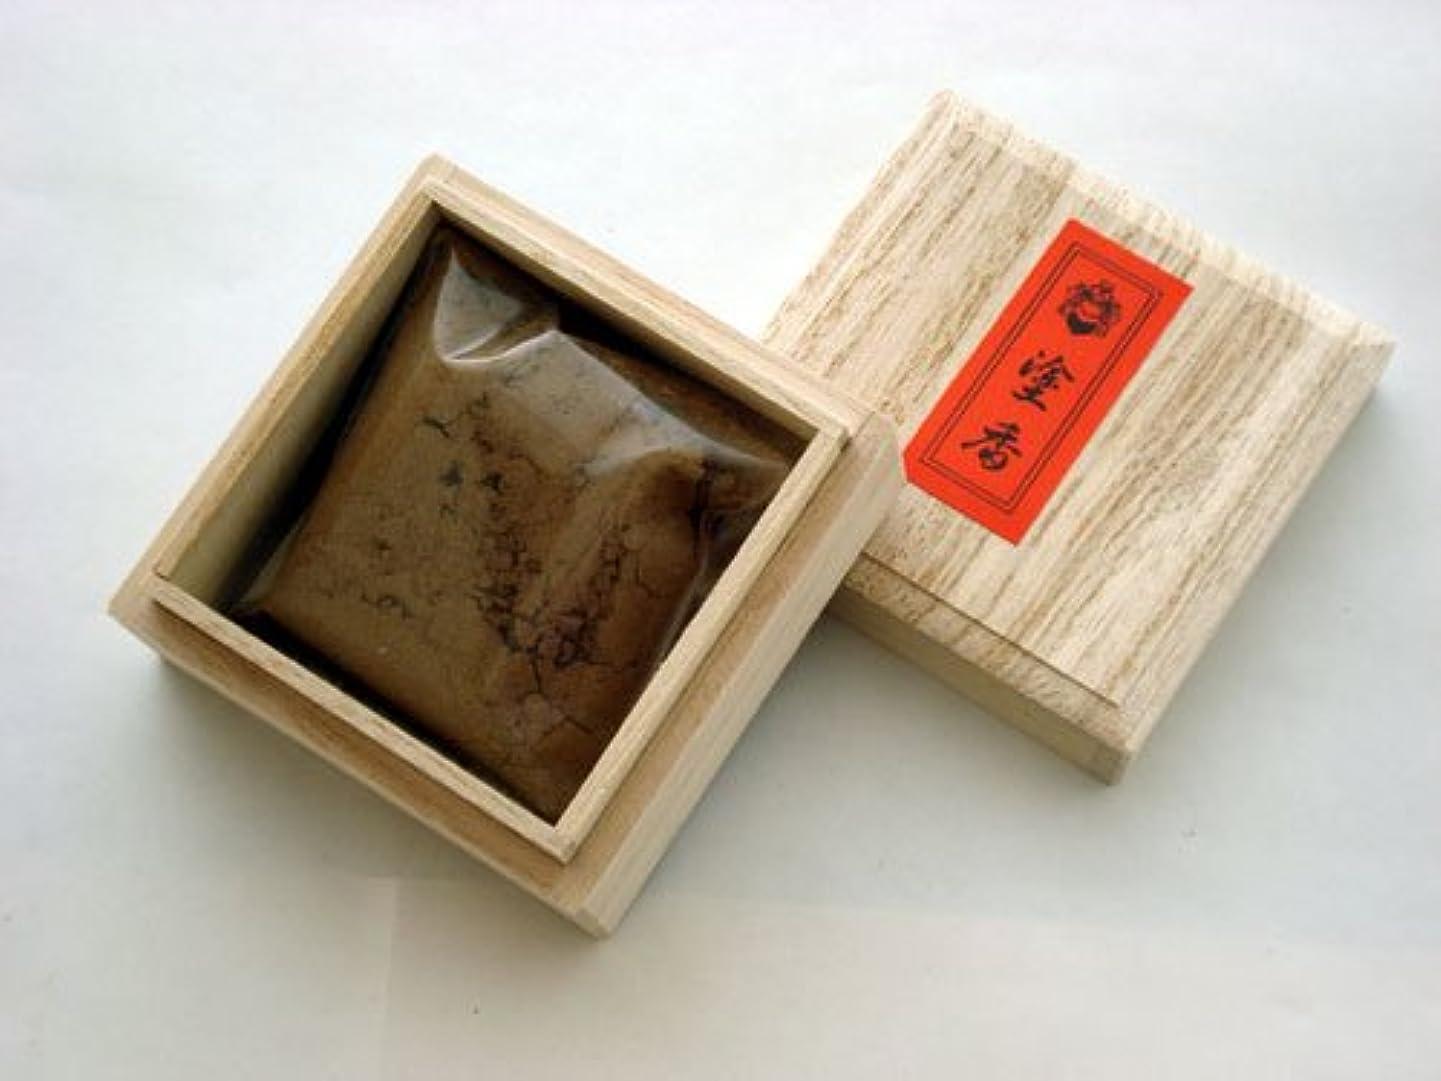 ファイアル金曜日手数料特上塗香(とくじょうずこう) 桐箱入り 【松栄堂】